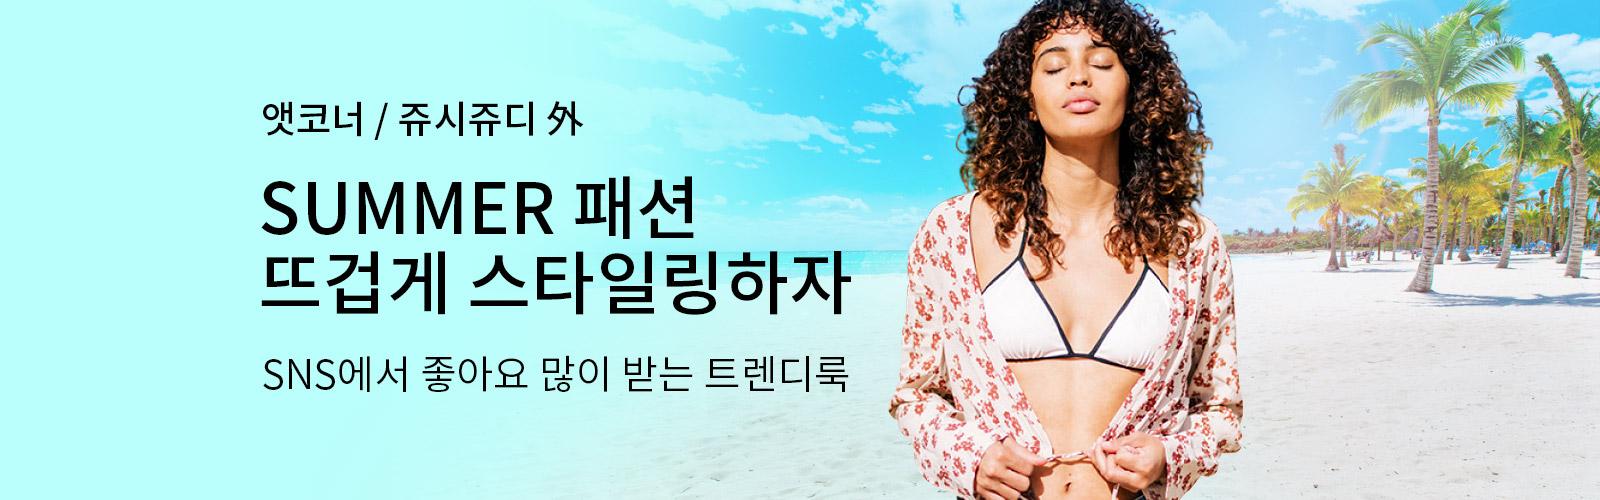 앳코너 쥬시쥬디 외 SUMMER 패션 뜨겁게 스타일링하자 SNS에서 좋아요 많이 받는 트렌디룩